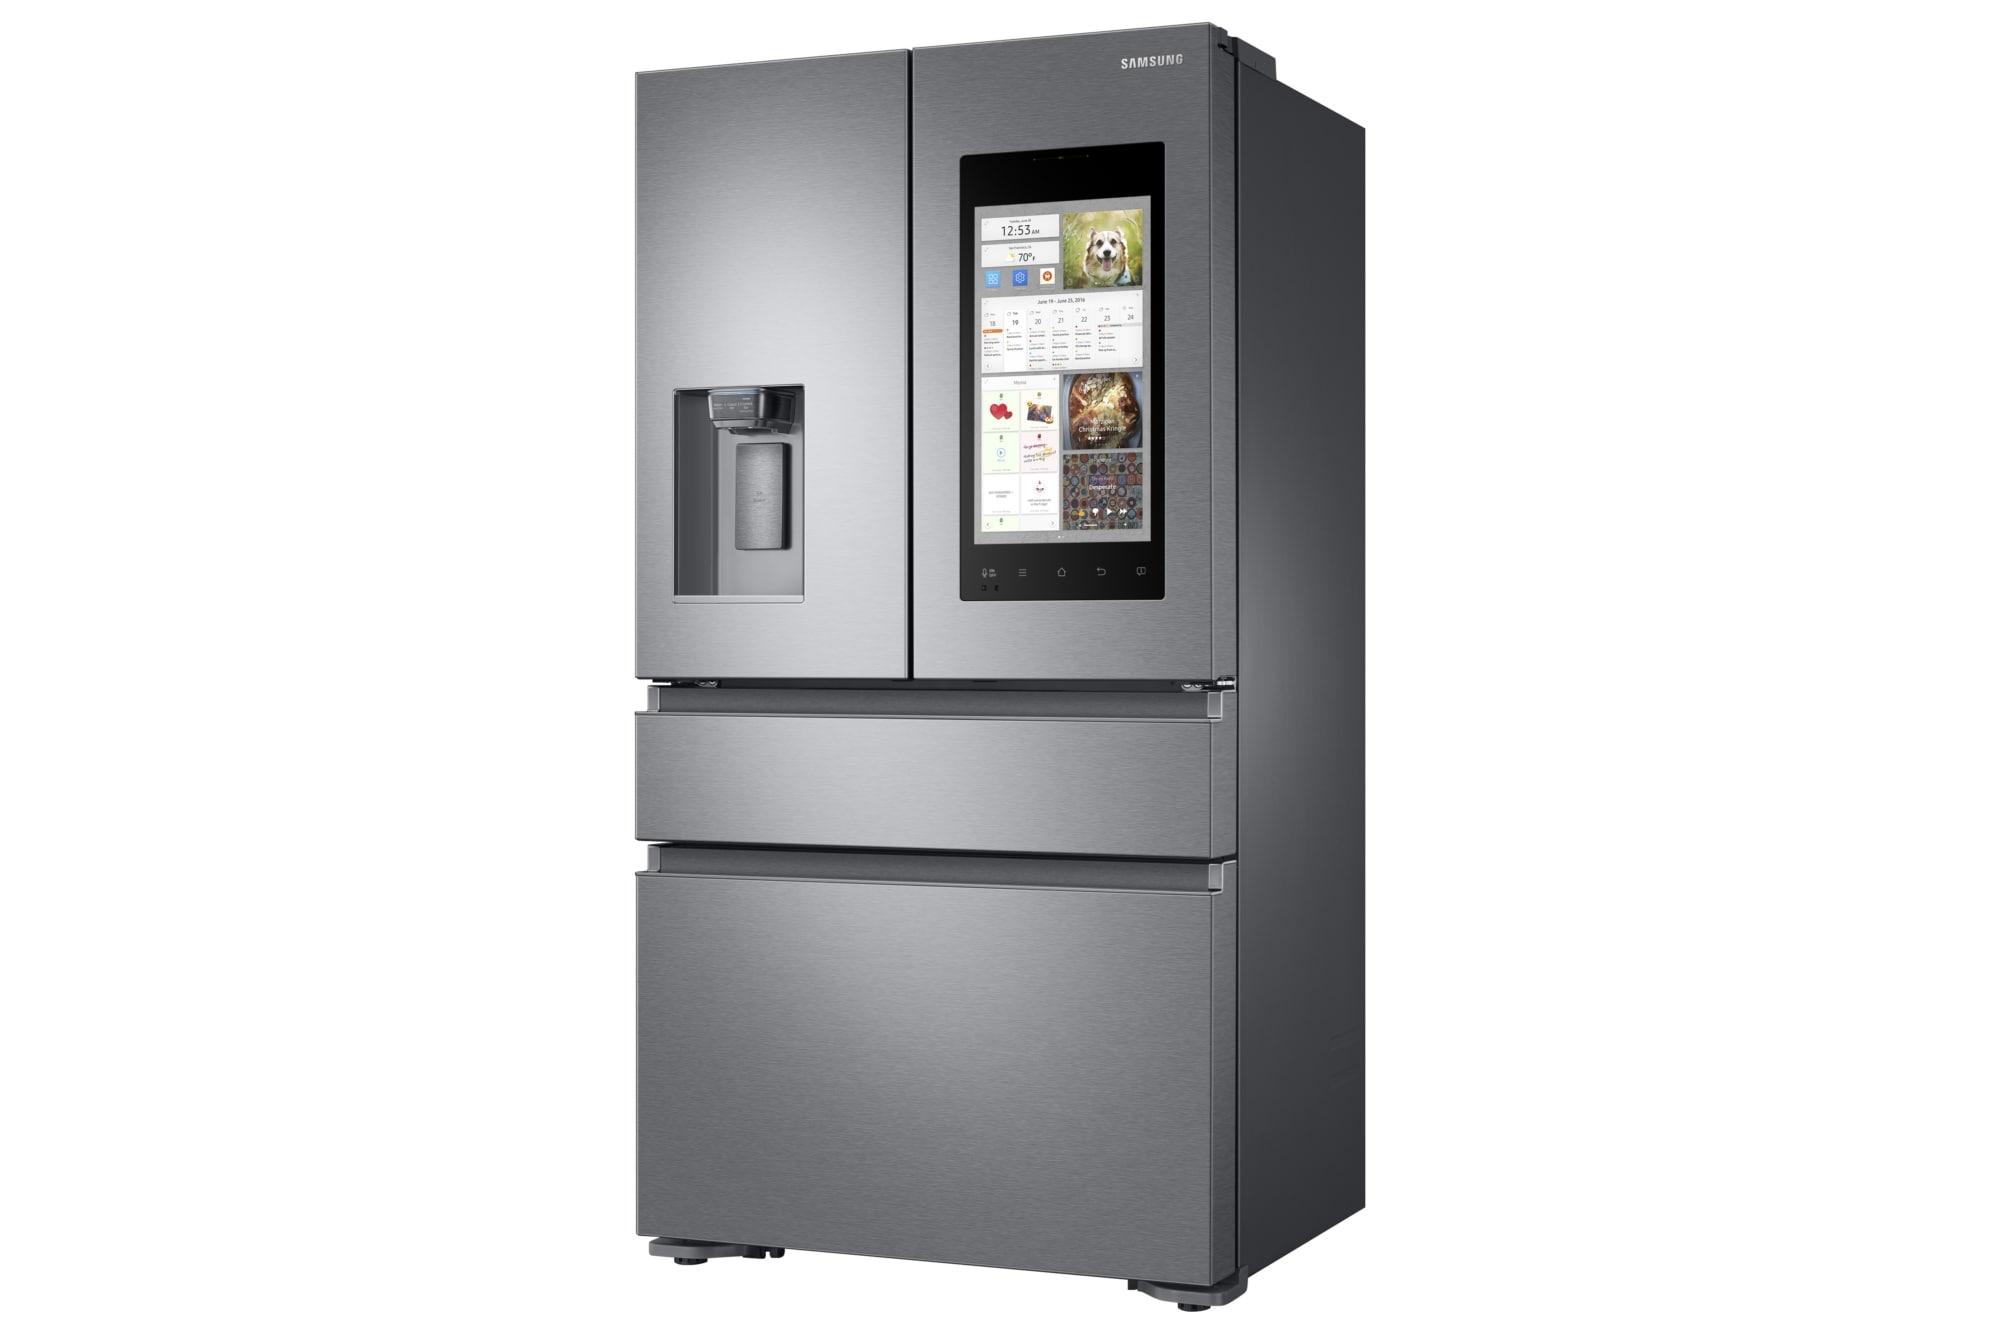 Cucina smart samsung nuovo frigo family hub 2 0 e molto for Nuovo frigo samsung